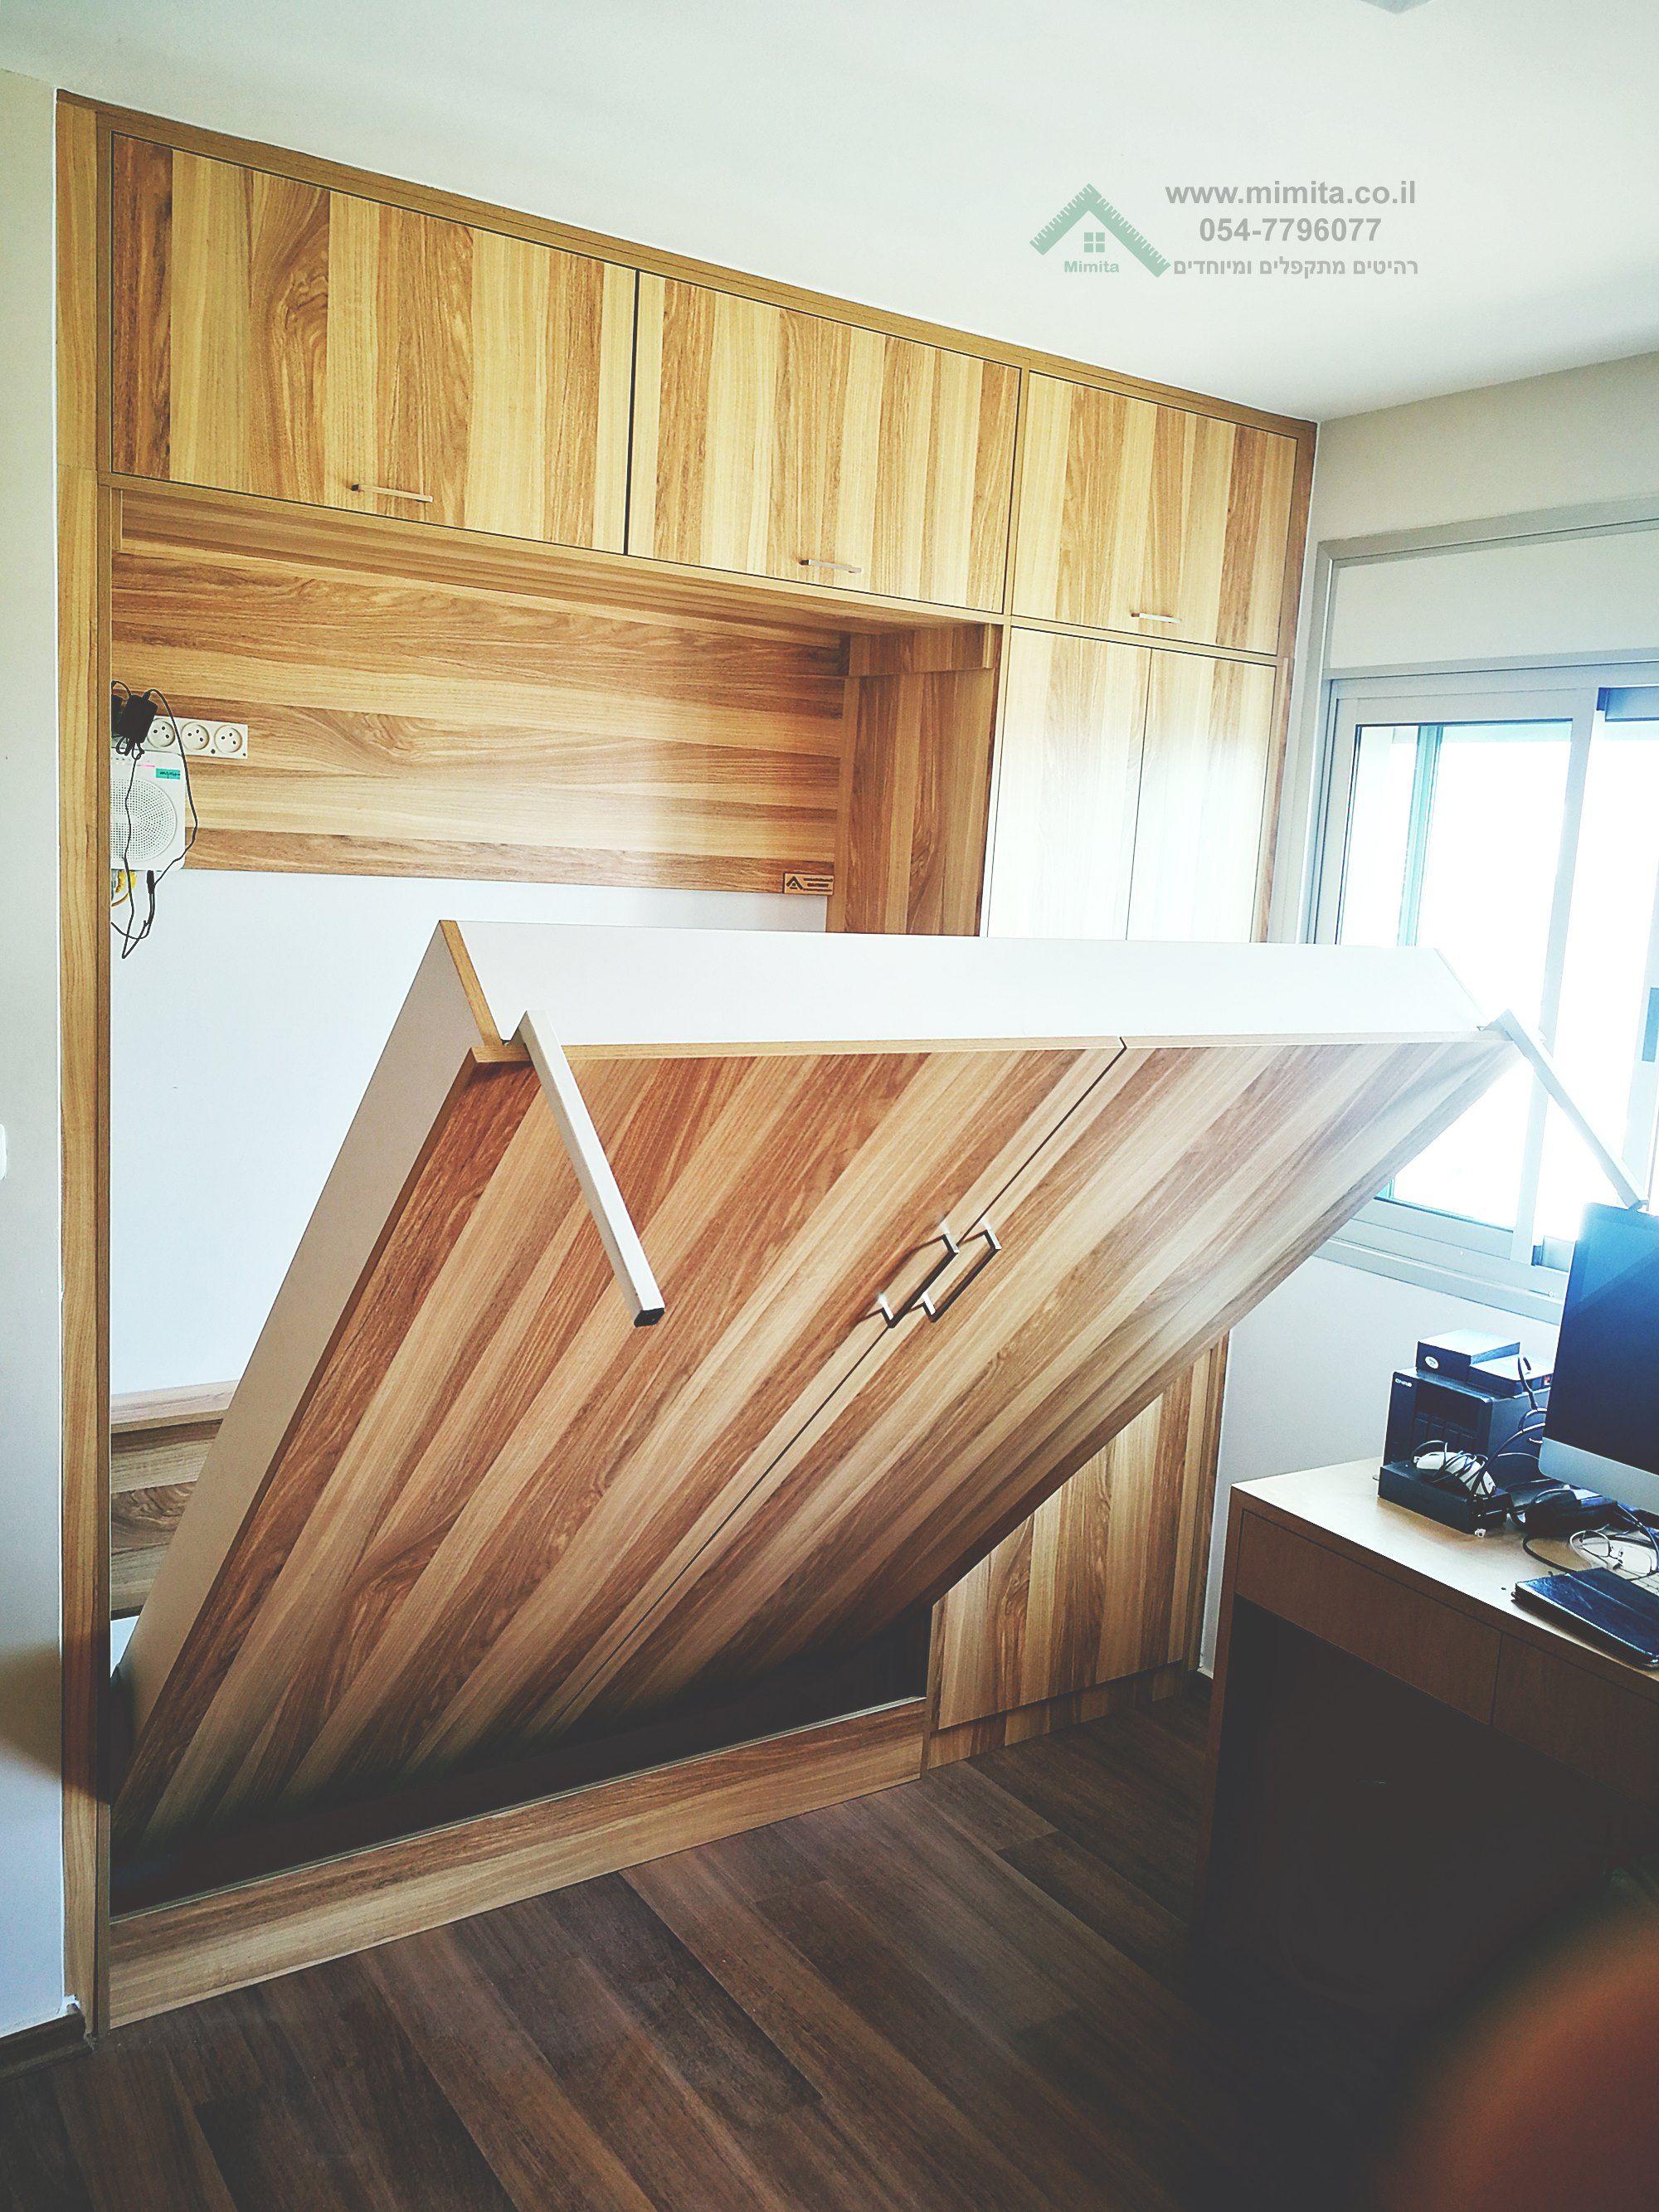 מיטה נסתרת מתקפלת לארון קיר תמונה באתר ייצור חנות ותצוגה